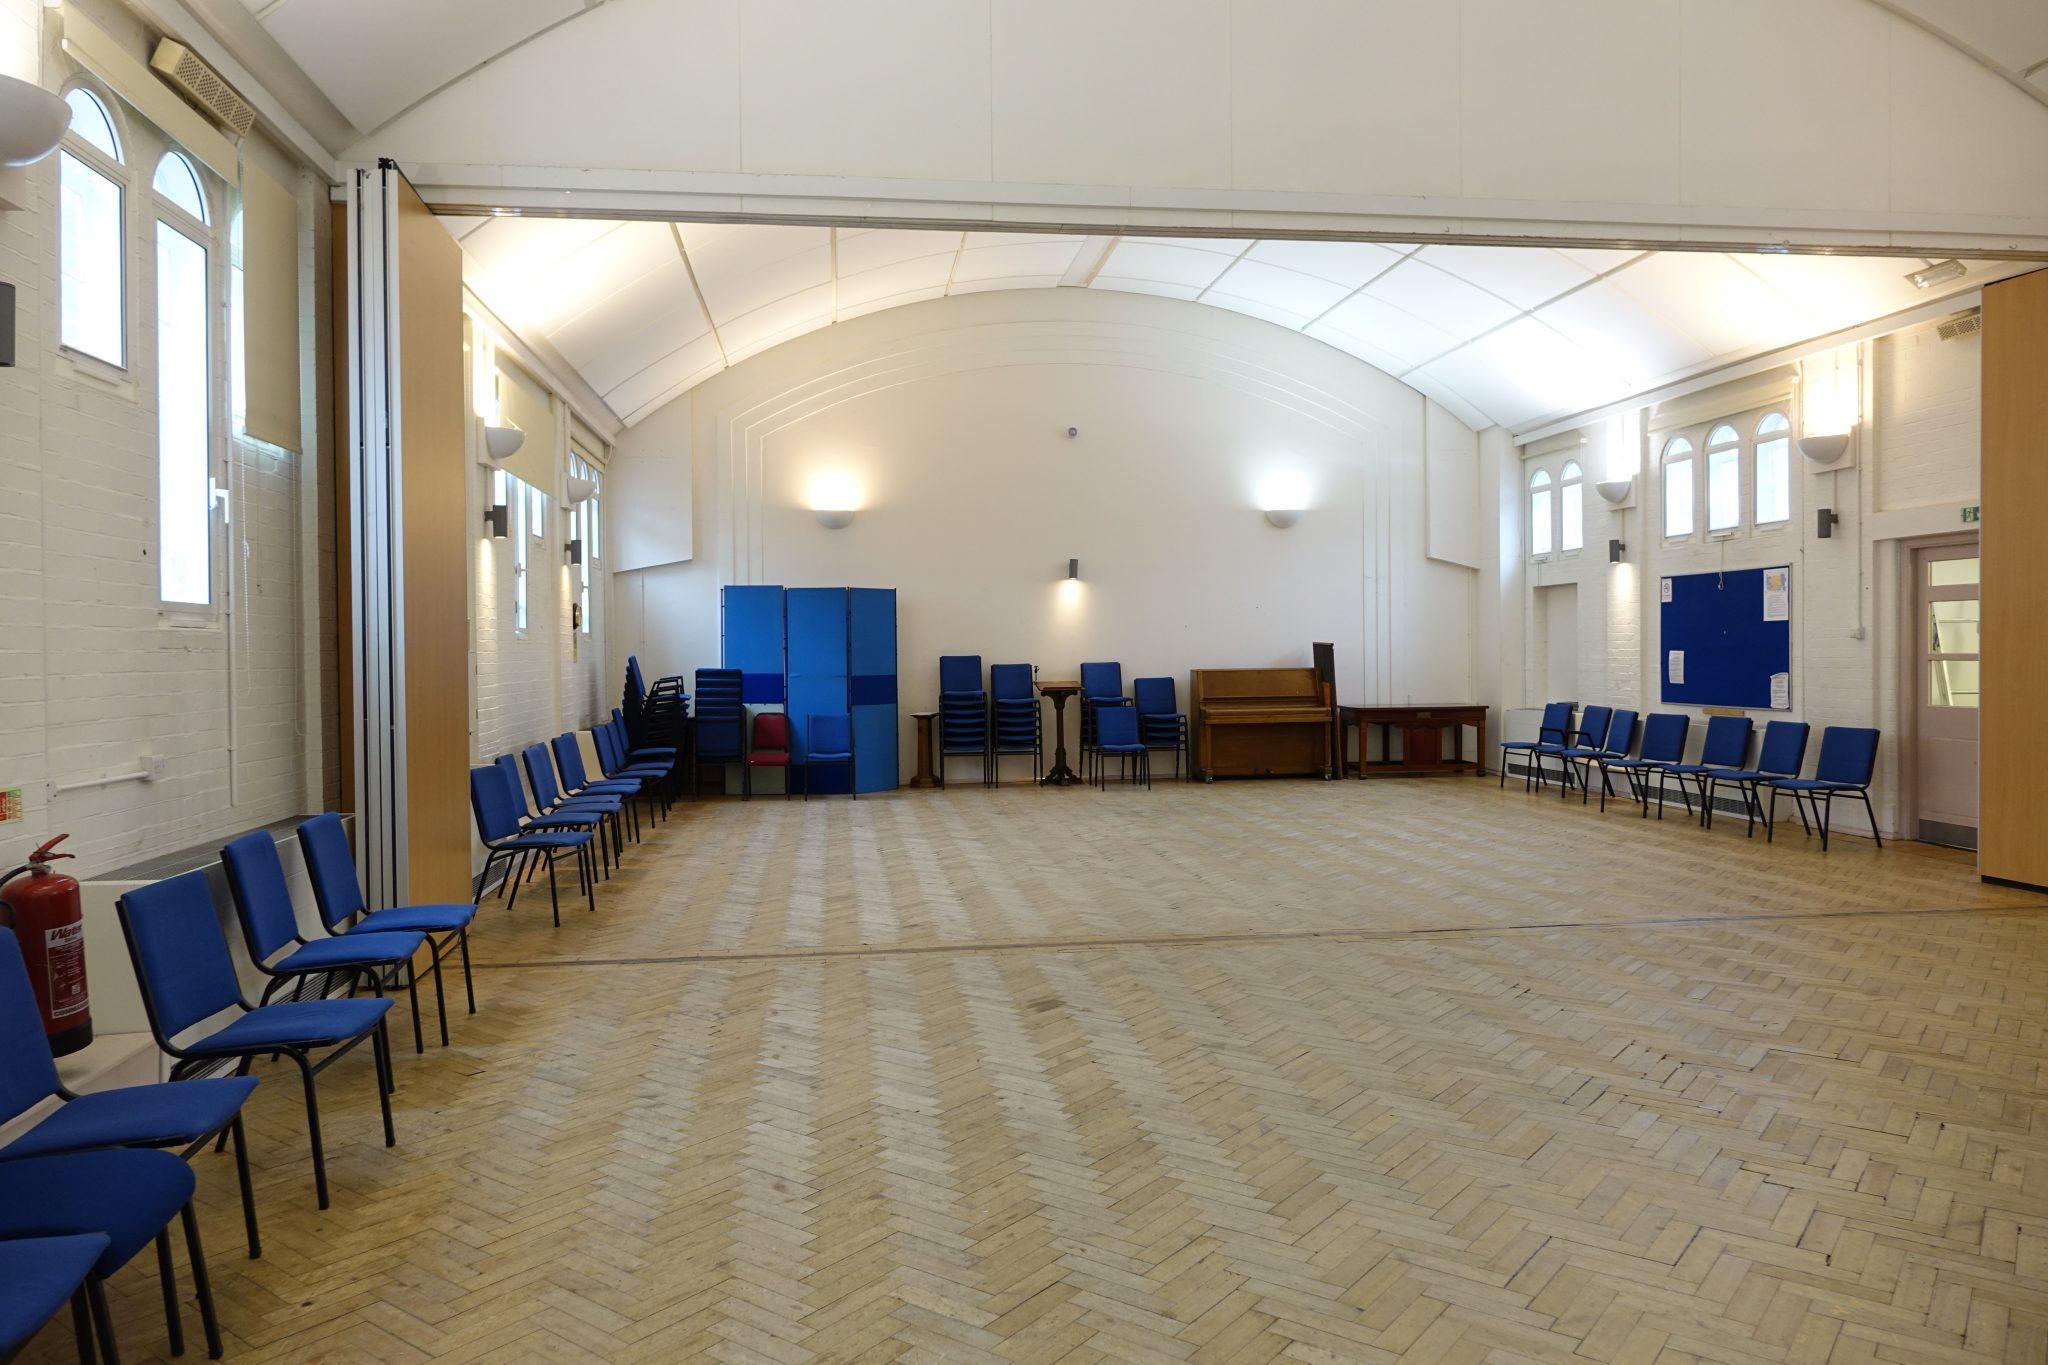 Eversfield Hall 1